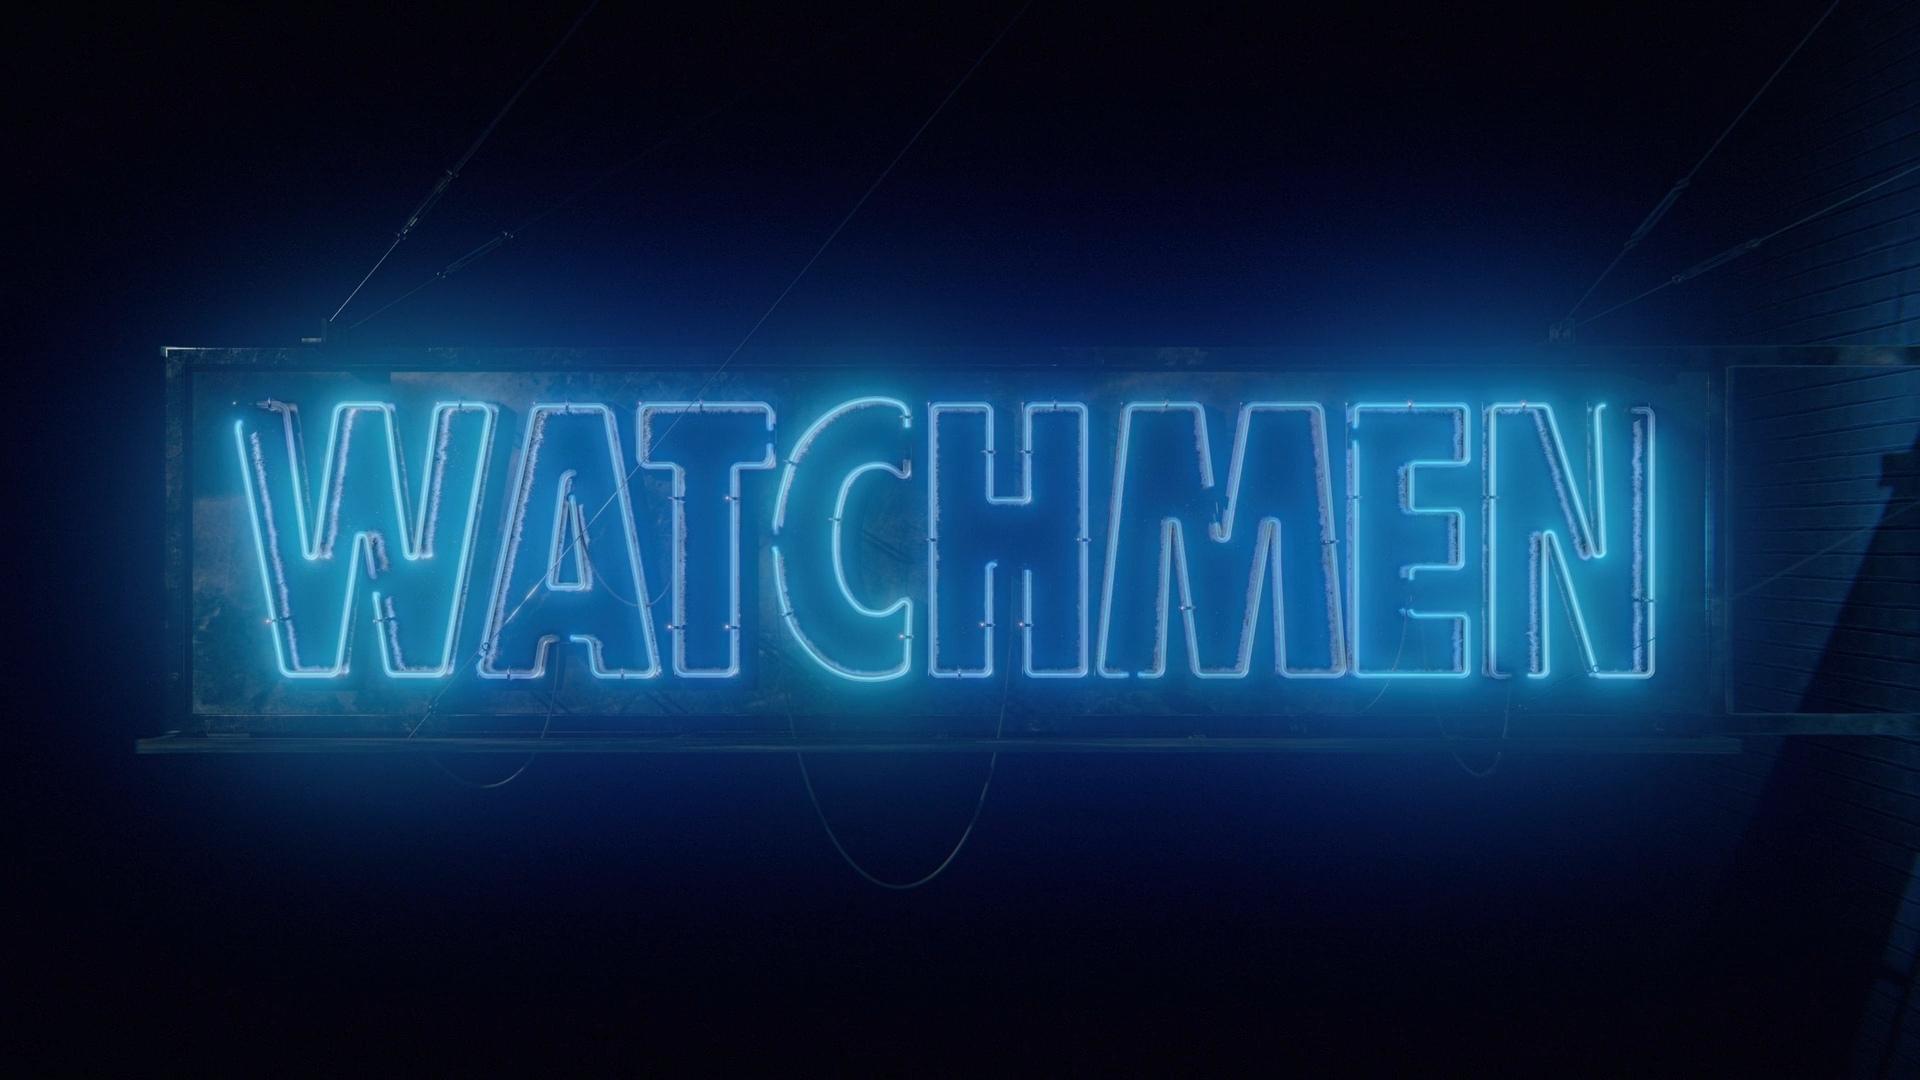 Watchmen (TV Series) Episode: A God Walks into Abar